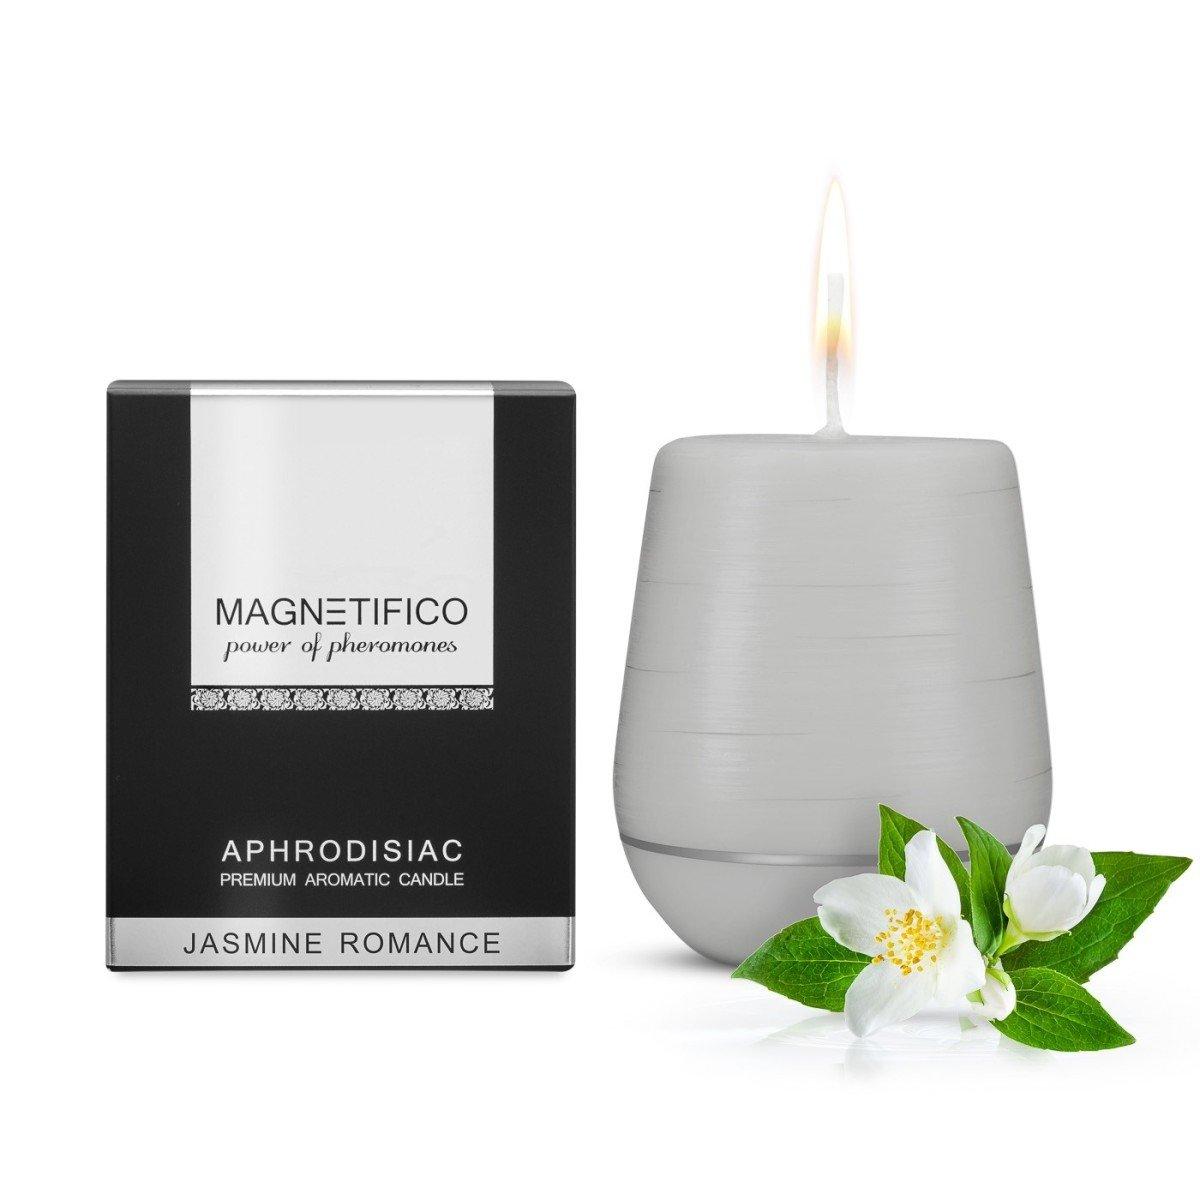 Vonná svíčka Magnetifico Aphrodisiac Jasmine Romance